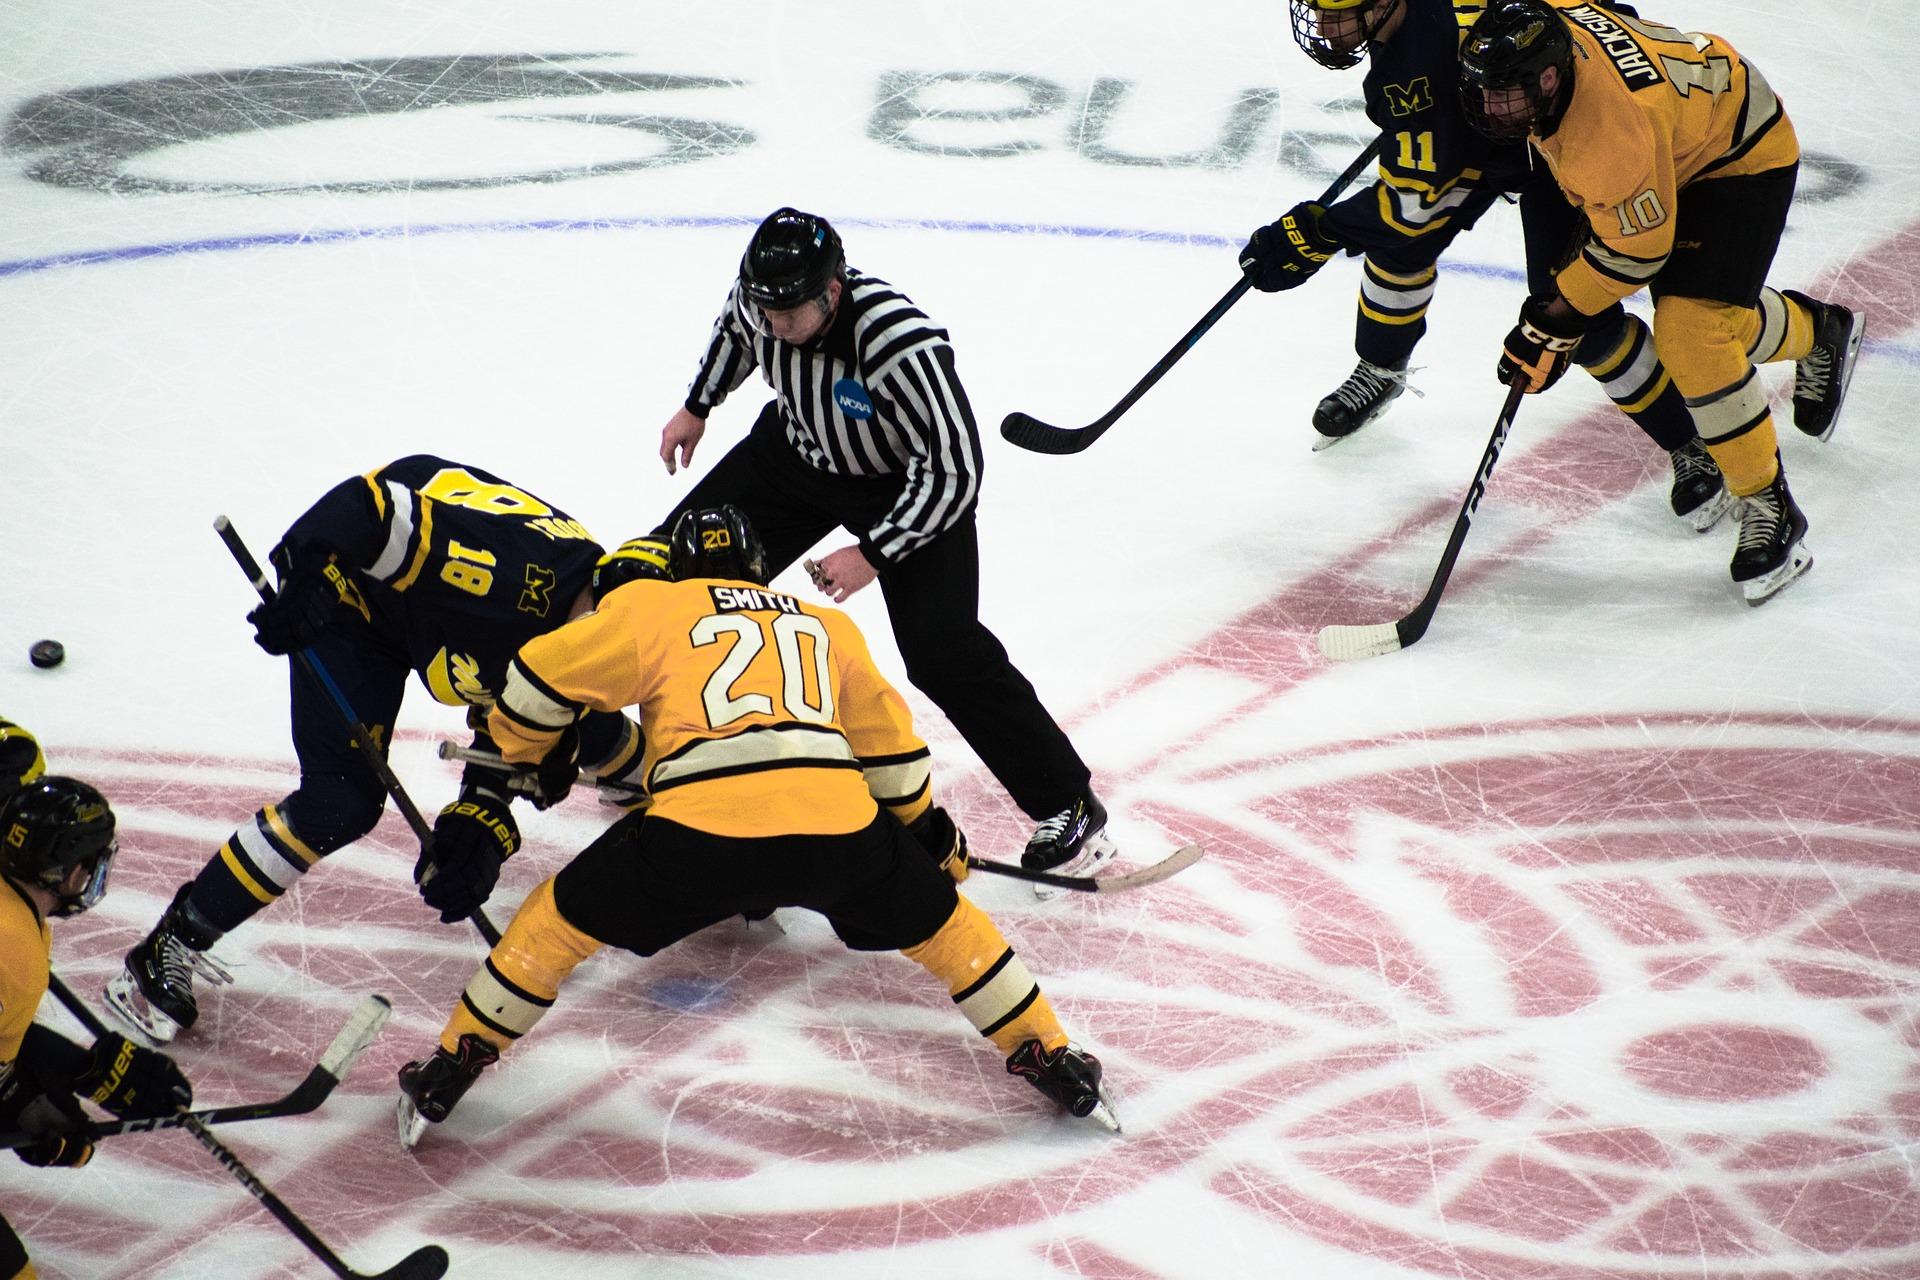 Eishockey_Spieler